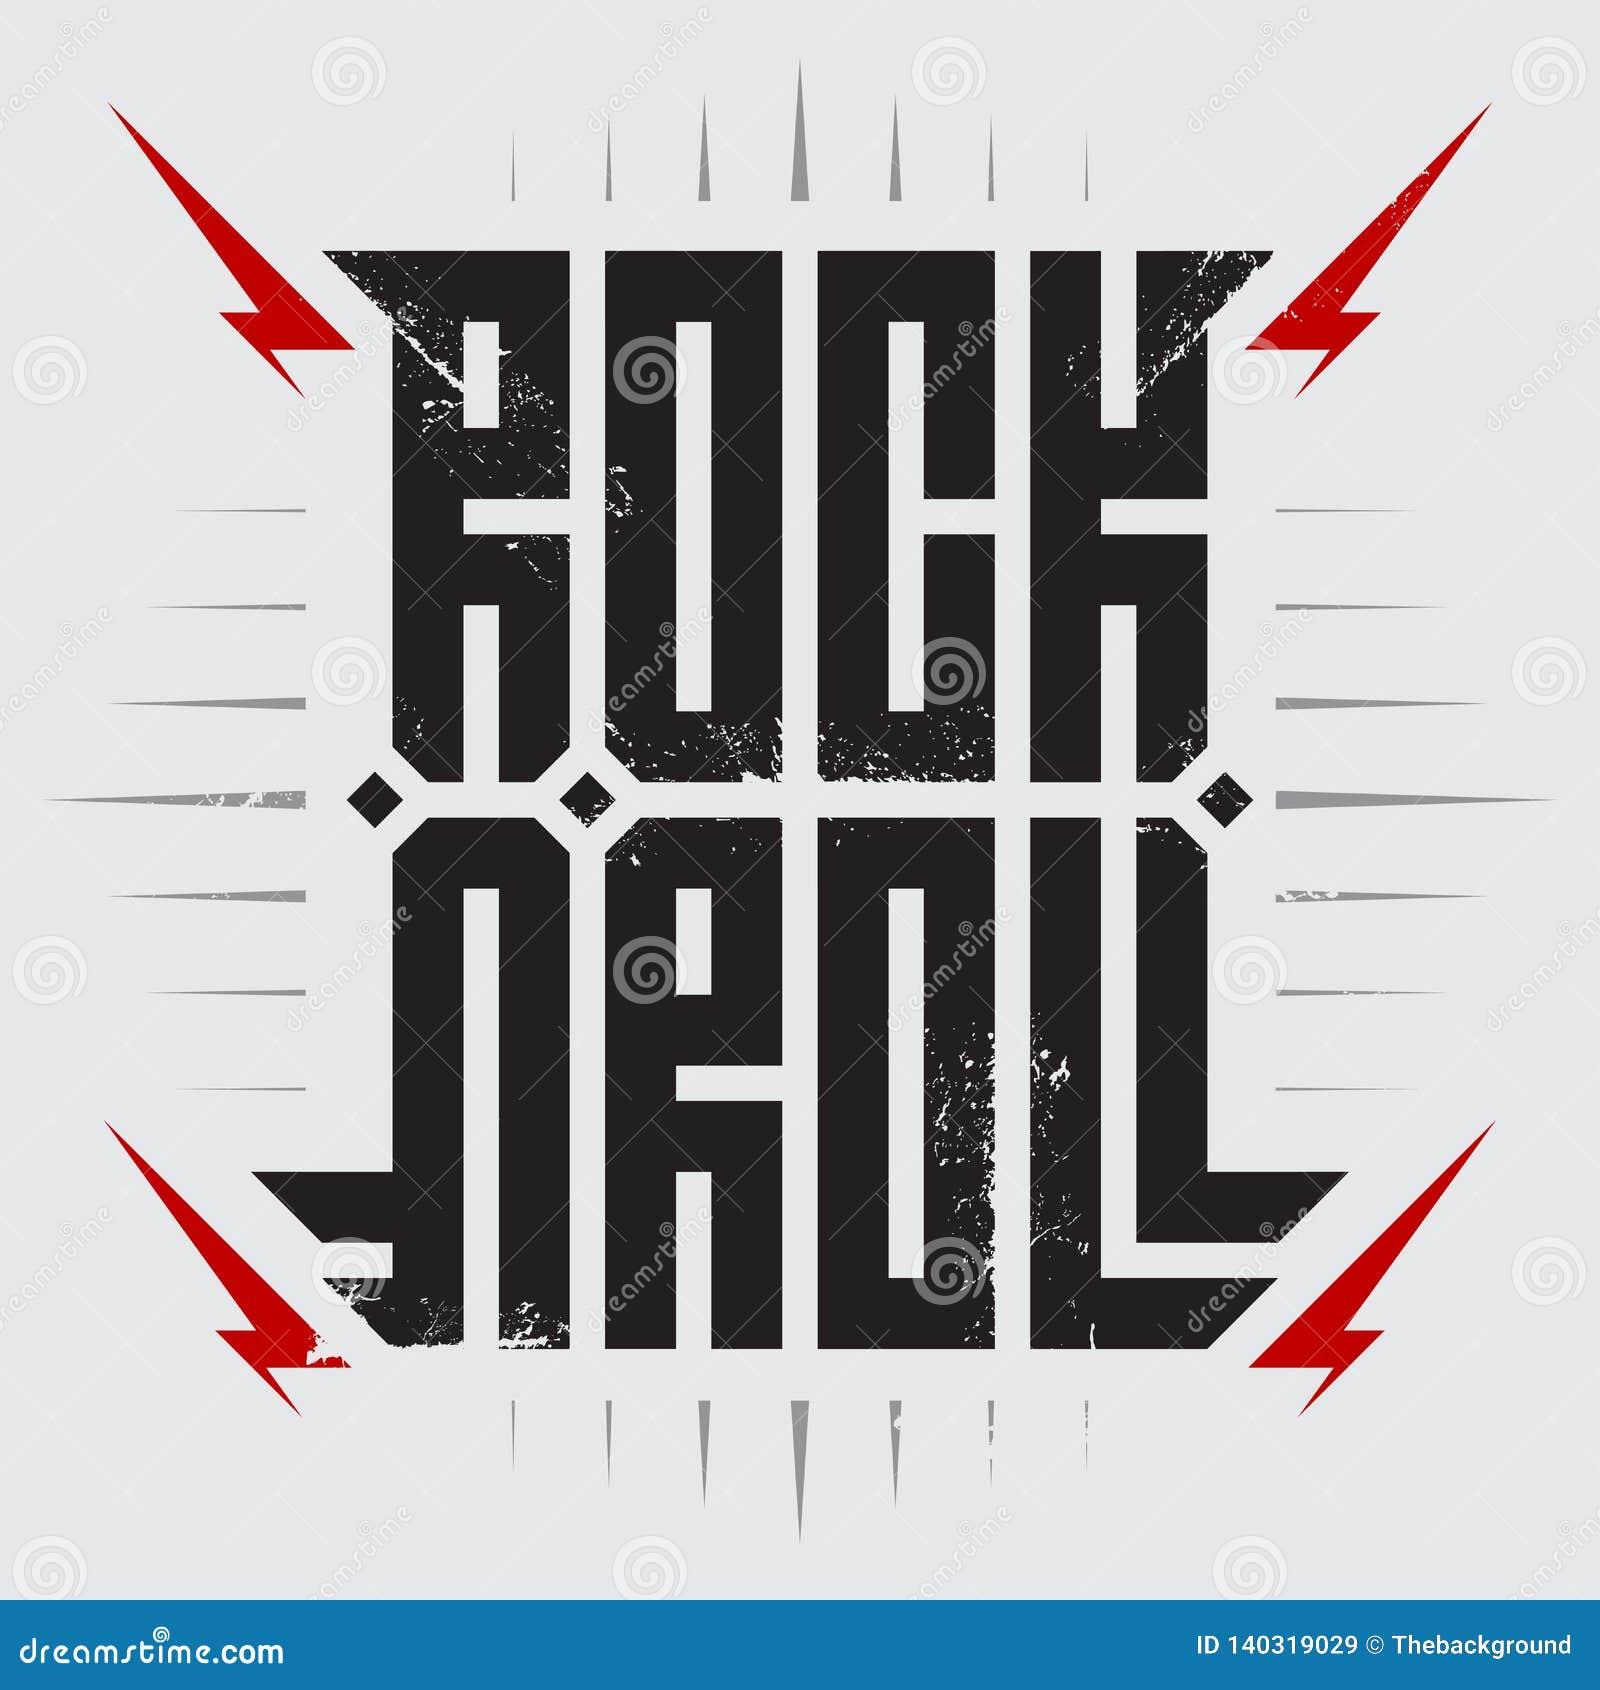 Rock and roll - muzyczny plakat z czerwonymi błyskawicami Rock and roll - koszulka projekt Koszulek apparels cool druk